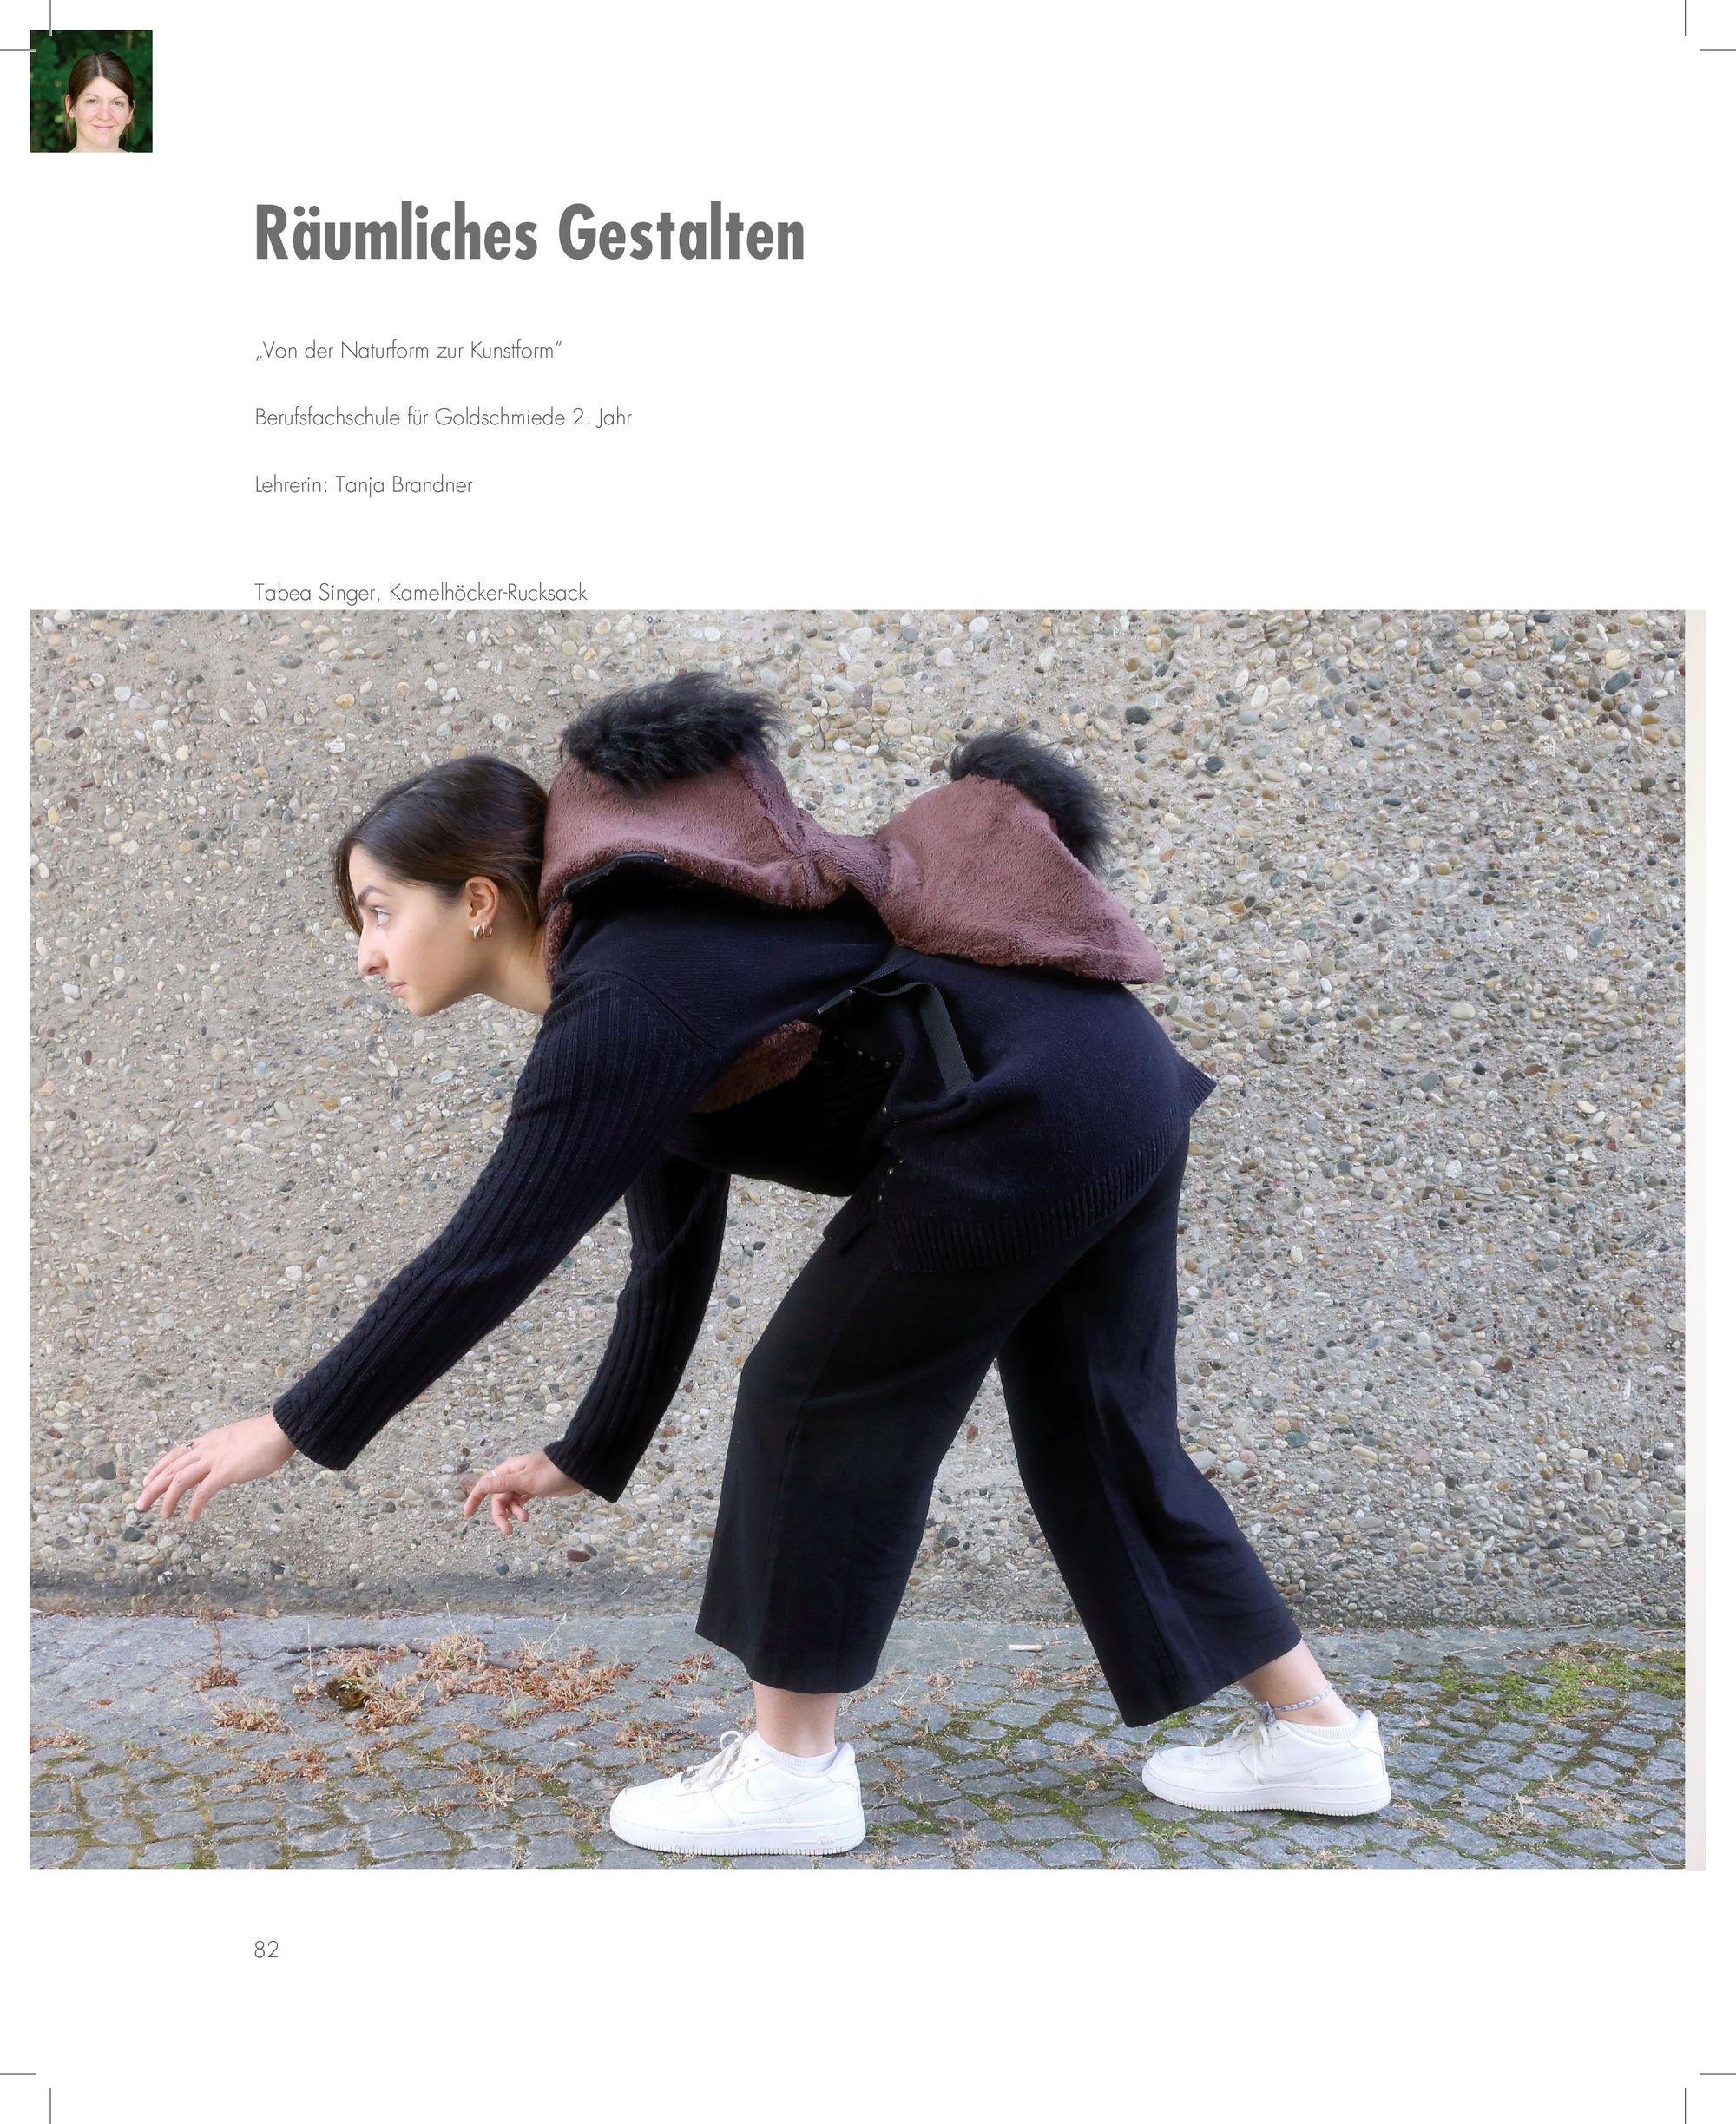 Creativ_2020_R-umliches-Gestalten-1-1